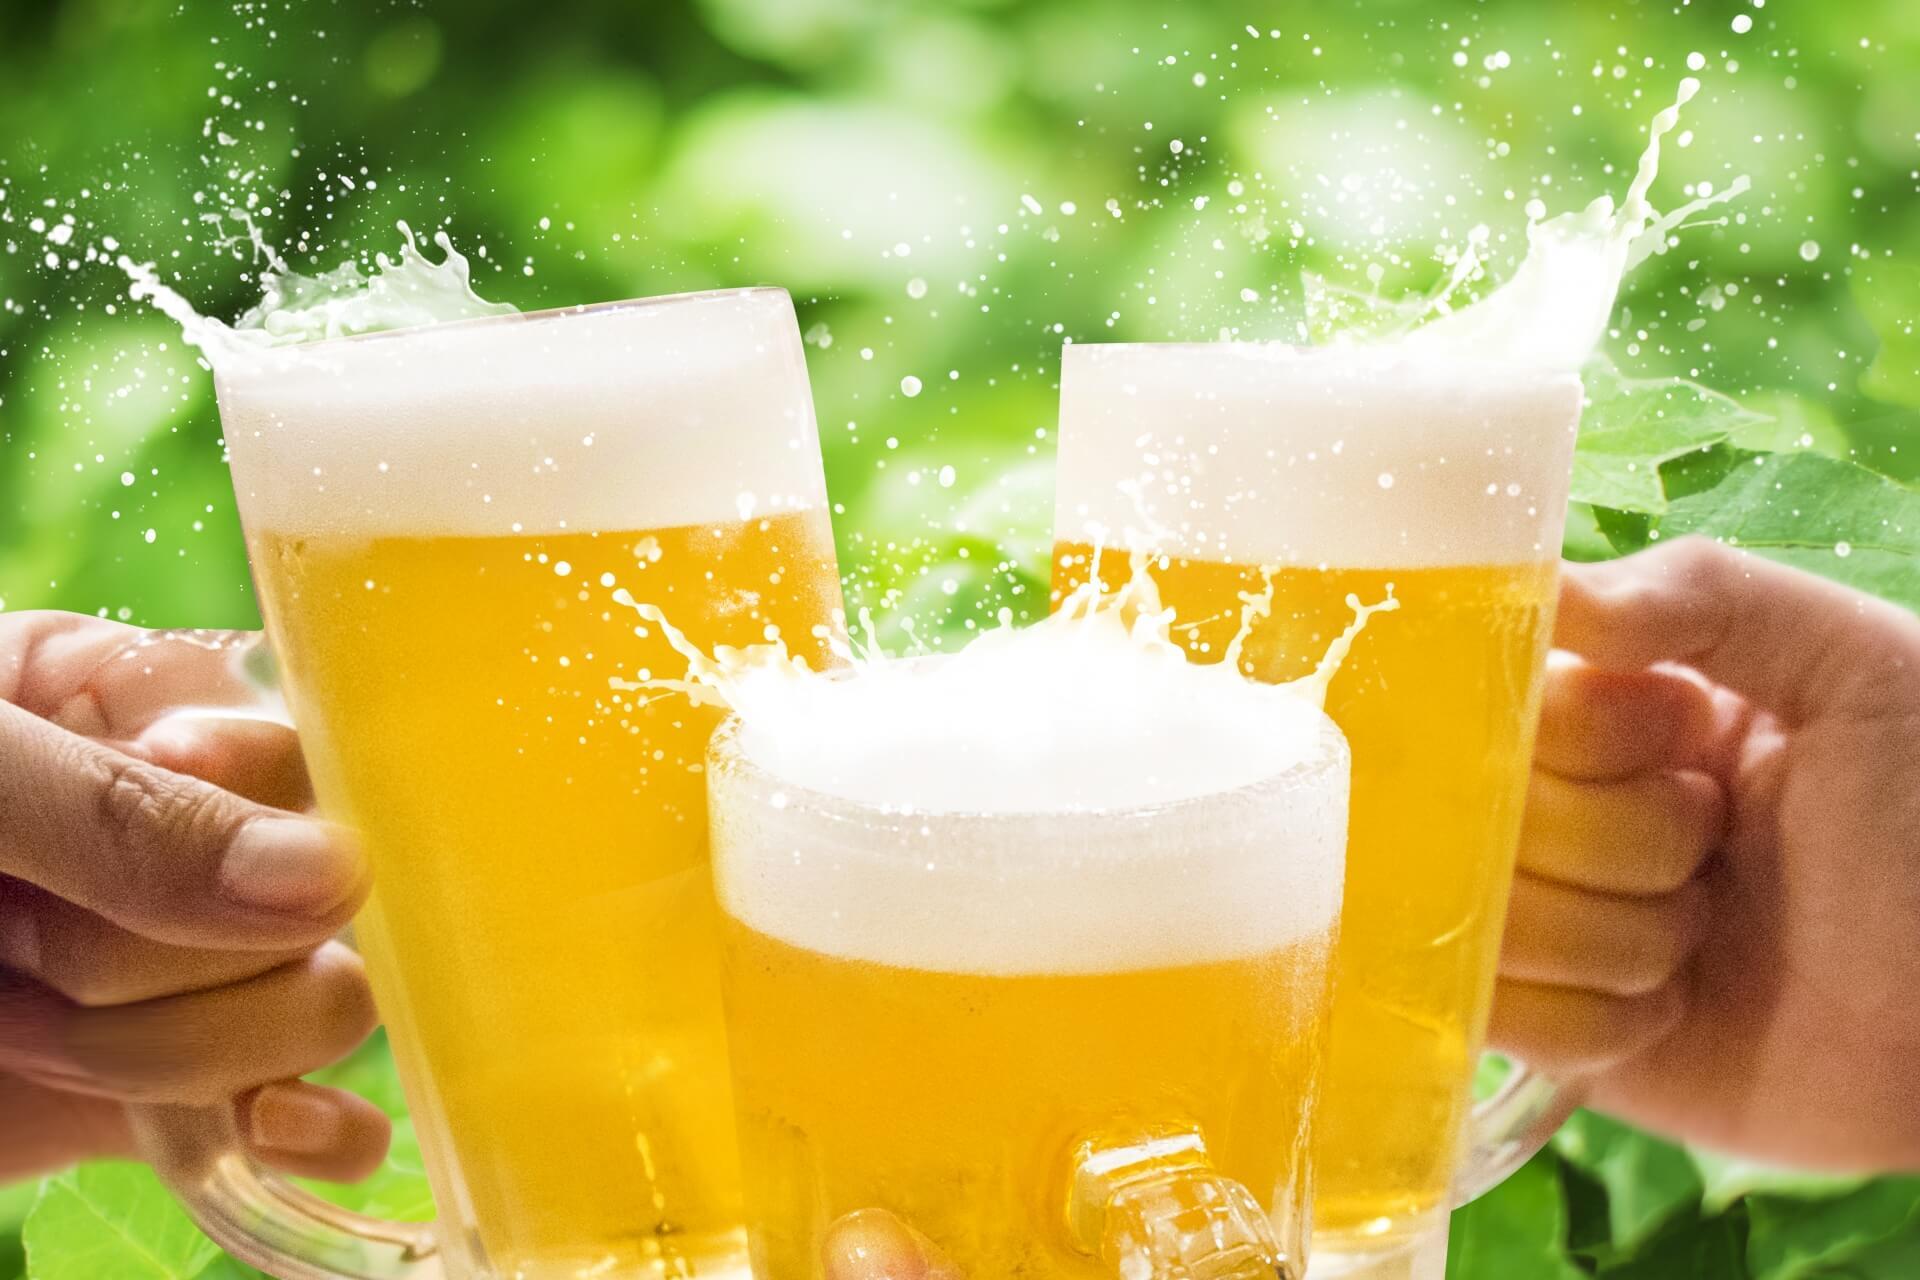 ビール 定期購入サービス(サブスクリプション)の比較